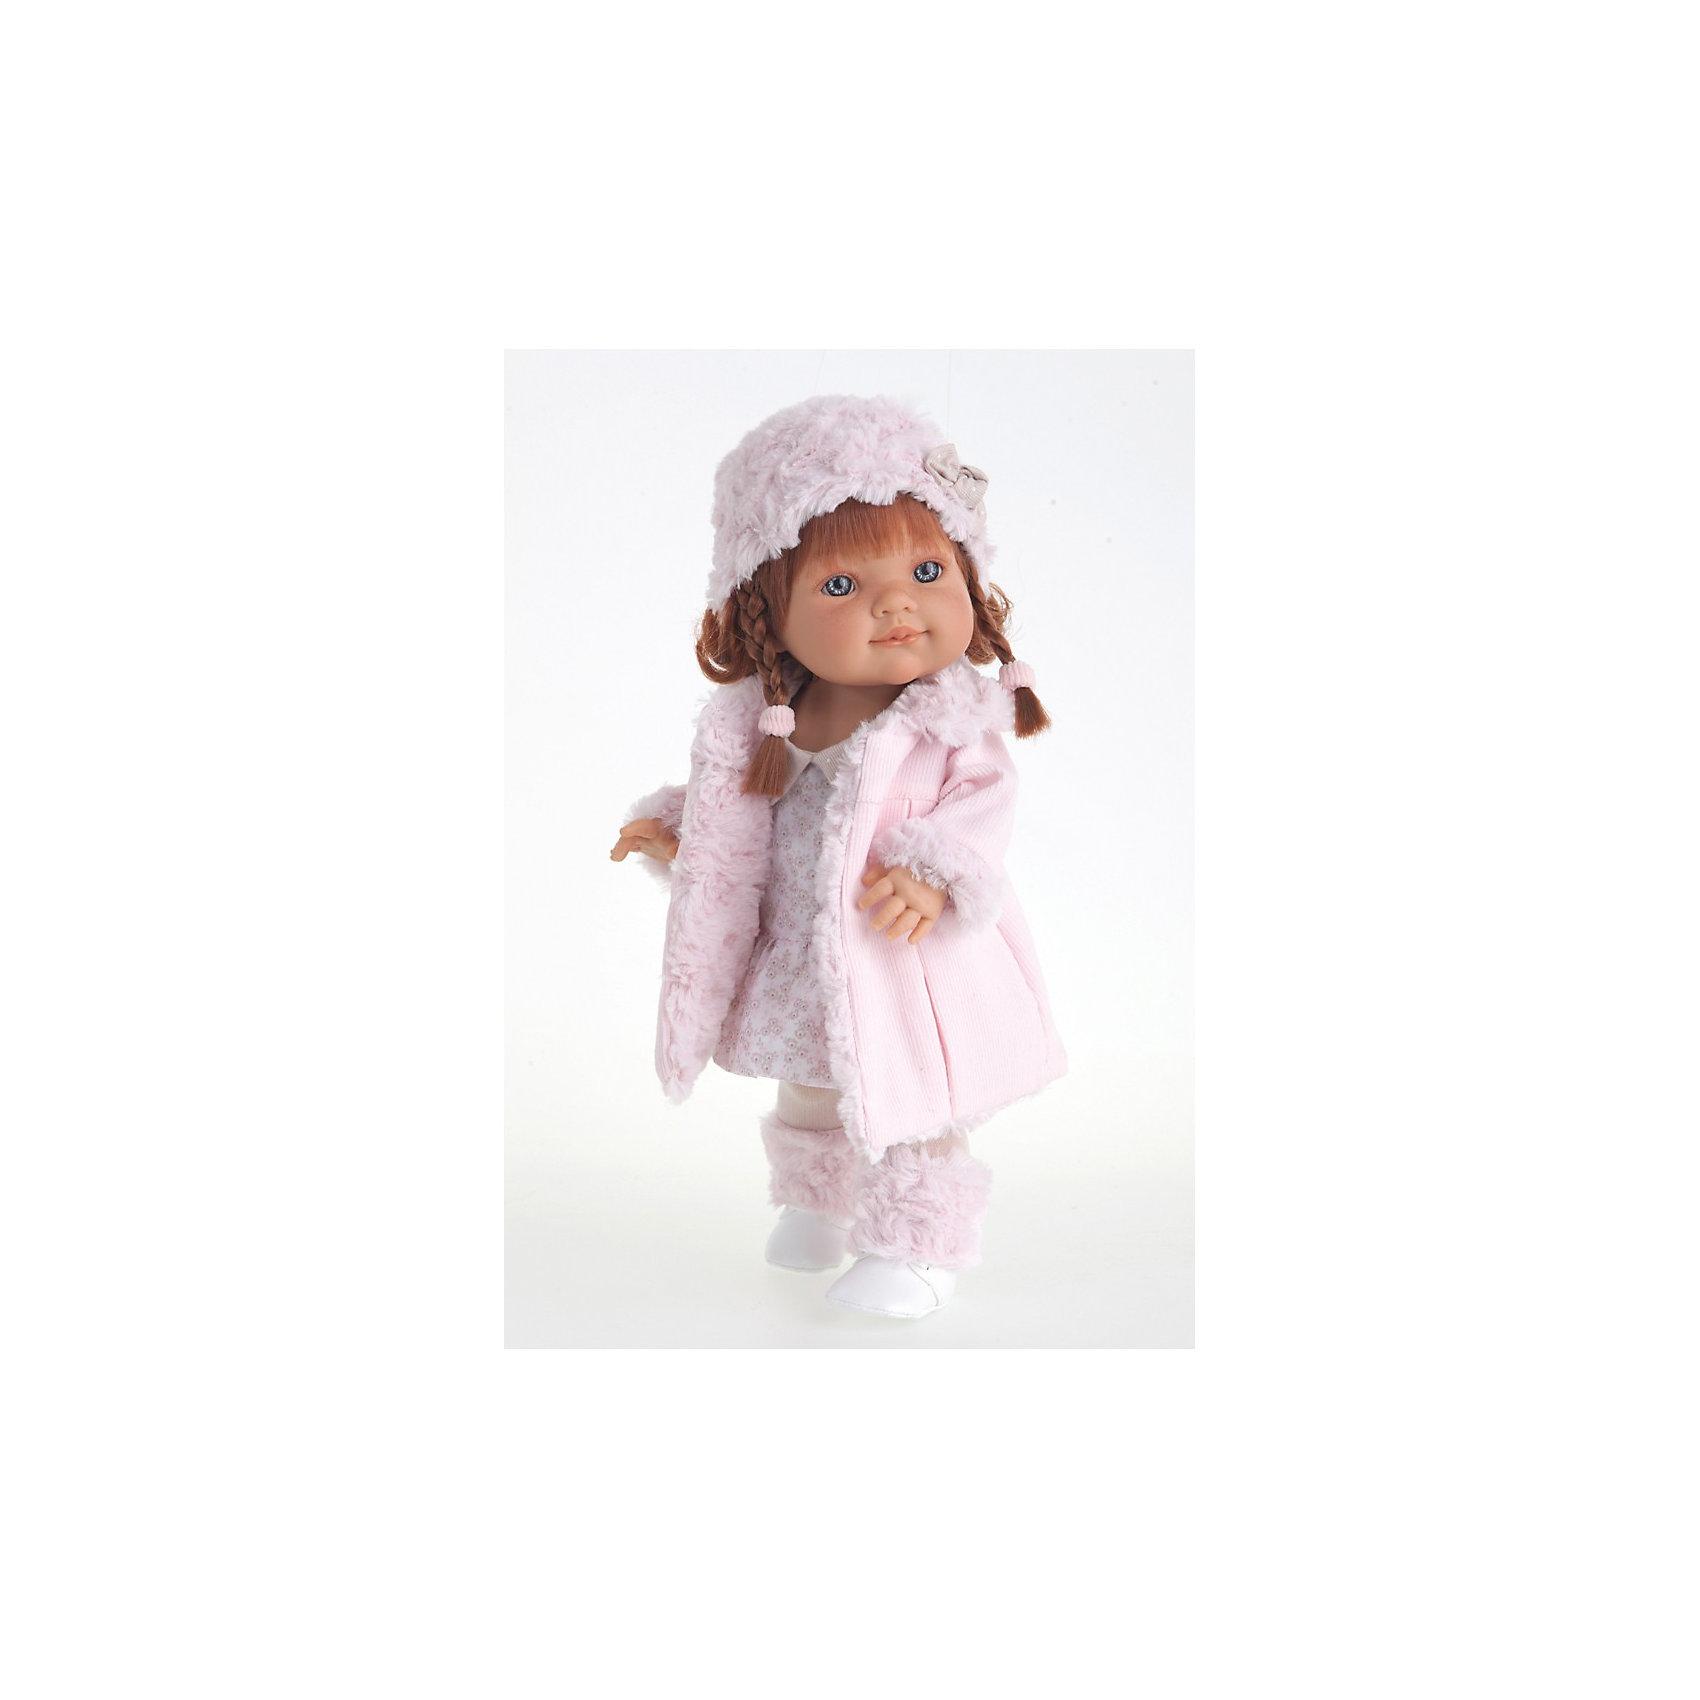 Кукла Фермина, 38 см., Munecas Antonio JuanКуклы JUAN ANTONIO munecas - это качественные игрушки, произведенные в Испании, популярны во всем мире. <br>У куклы  прекрасная мимика, прическа и замечательная одежда. А куклы-младенцы выглядят очень натурально, как будто они только что родились. При их производстве используют высококачественные и экологически безопасные материалы.<br><br>Дополнительная информация::<br><br>- куклы натуралистичны, анатомически точны, с подвижными ручками и ножками, копируют настоящих младенцев.<br>- ручки, ножки и голова изготовлены из высококачественного винила.<br>- высота куклы 38 см.<br><br>Эта замечательная кукла непременно понравится вашей малышке!<br><br>Куклу Фермина, 38 см., JUAN ANTONIO munecas (Хуан Антонио мунекас) можно купить в нашем магазине.<br><br>Ширина мм: 115<br>Глубина мм: 245<br>Высота мм: 440<br>Вес г: 1280<br>Возраст от месяцев: 36<br>Возраст до месяцев: 72<br>Пол: Женский<br>Возраст: Детский<br>SKU: 3332187